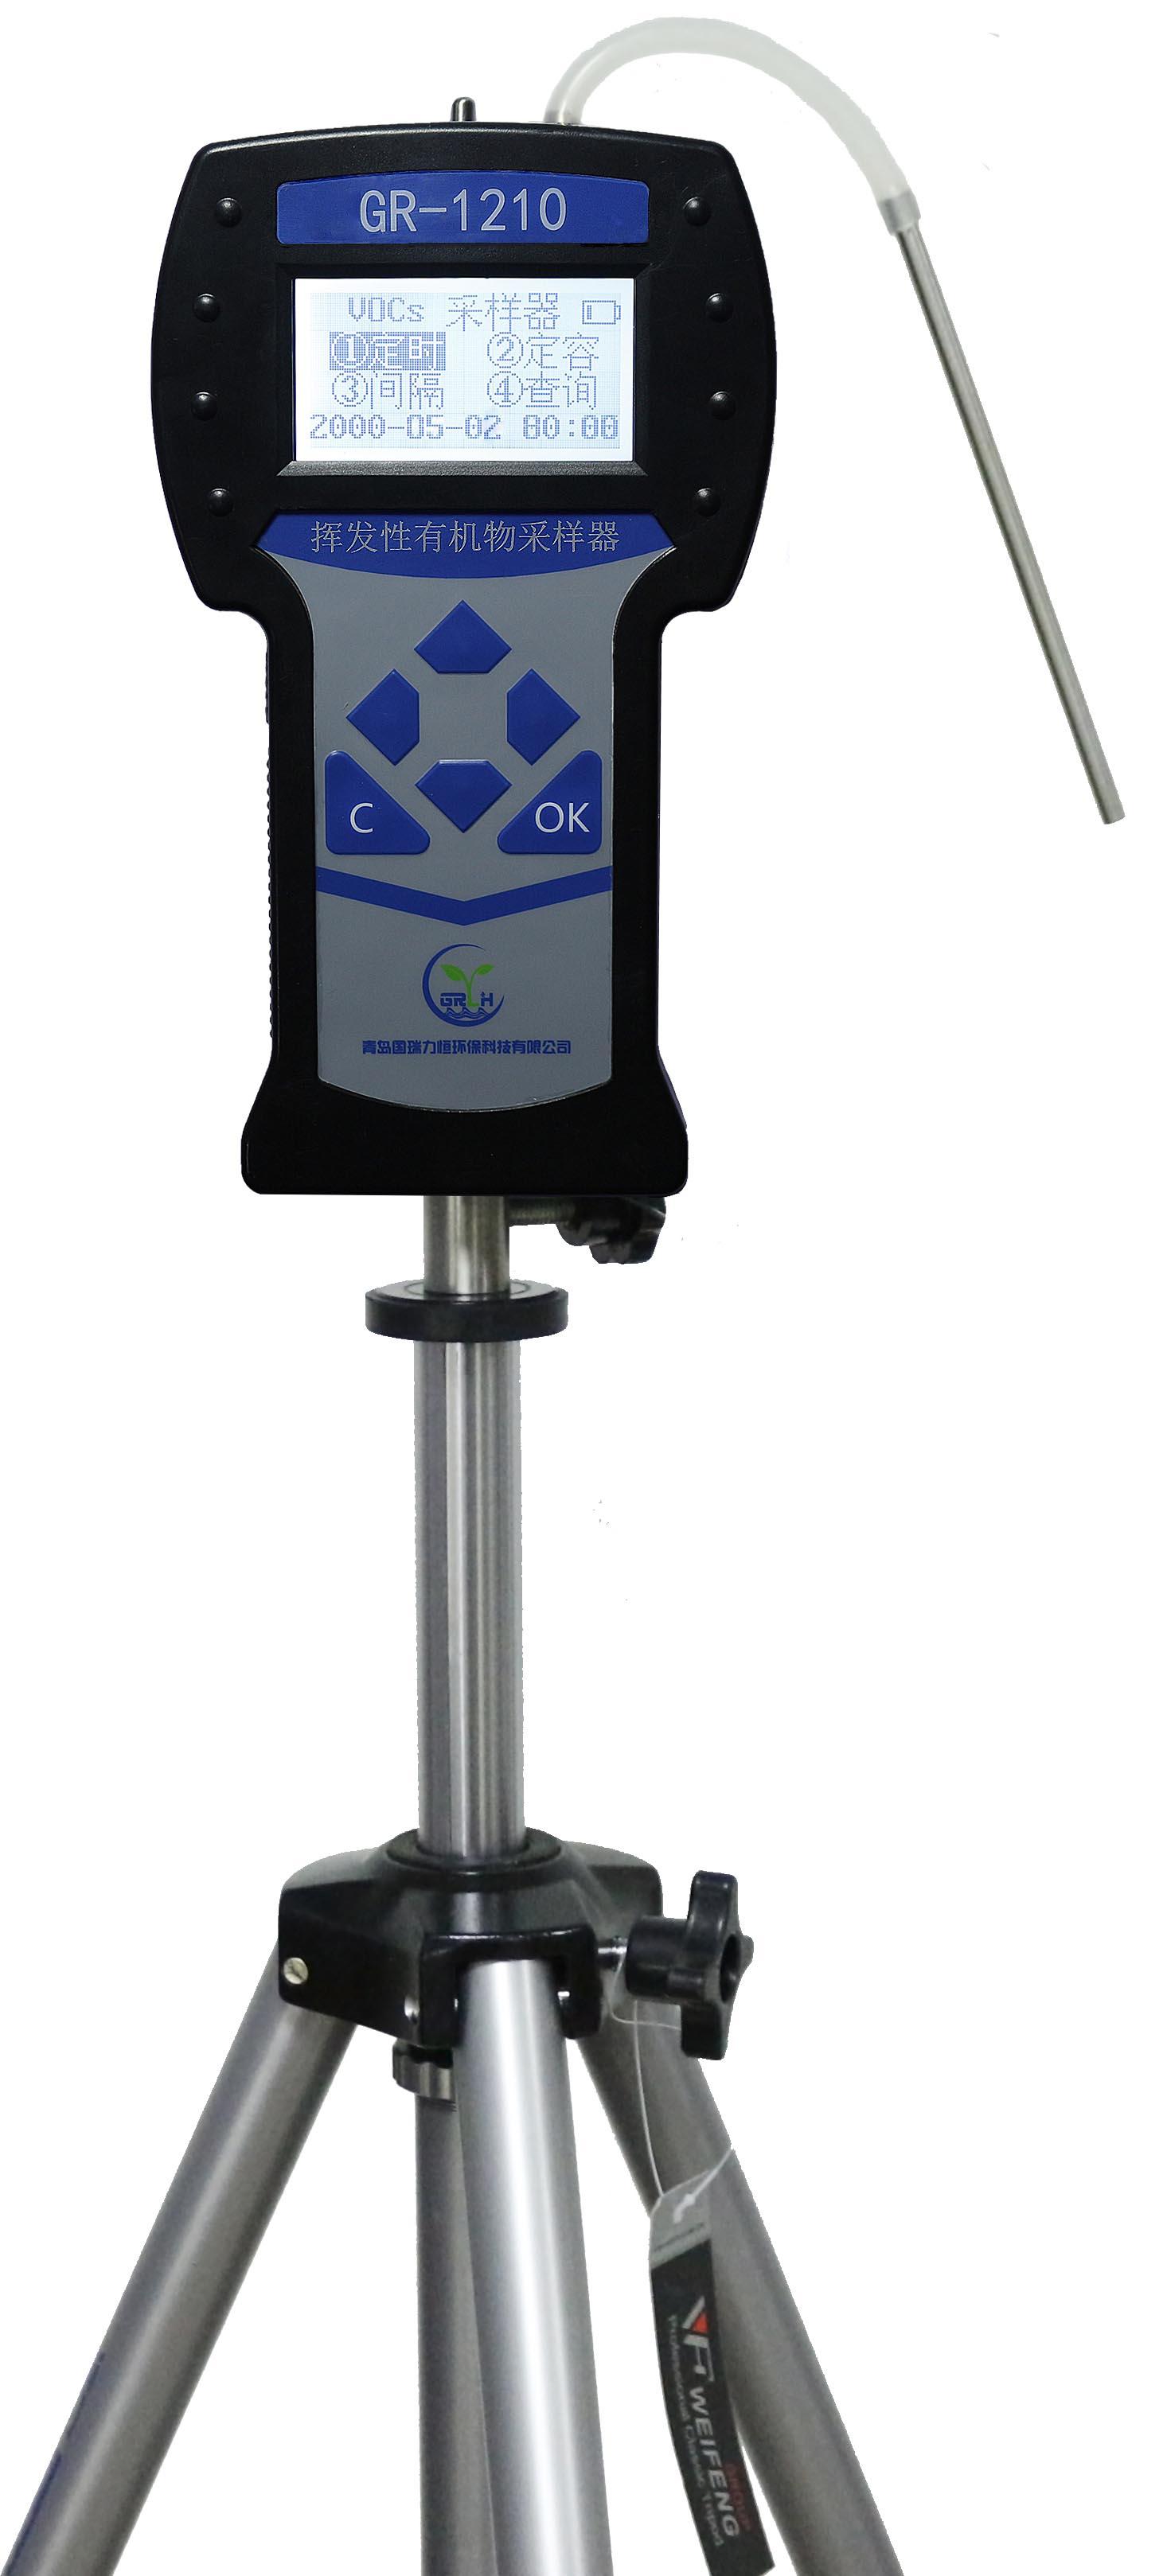 國瑞-1210揮發性有機物采樣器環境監測